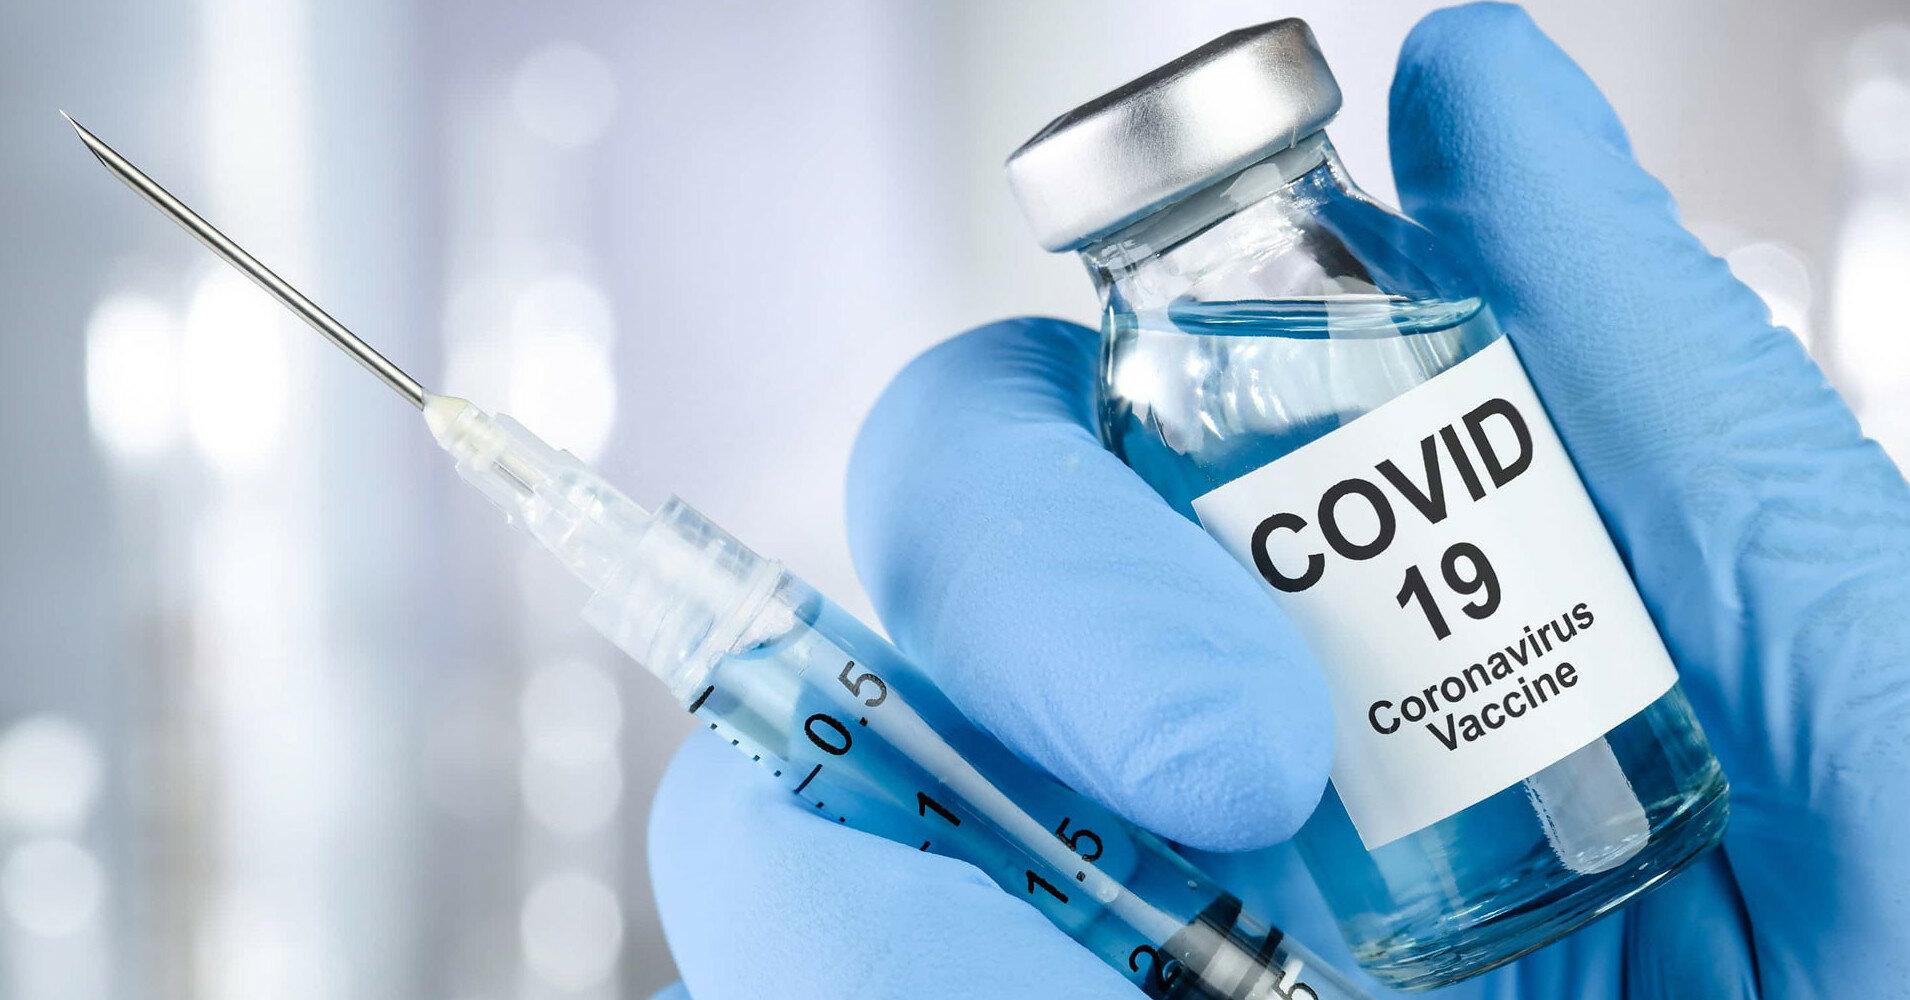 Мнения родителей о вакцинации детей разделились поровну - опрос